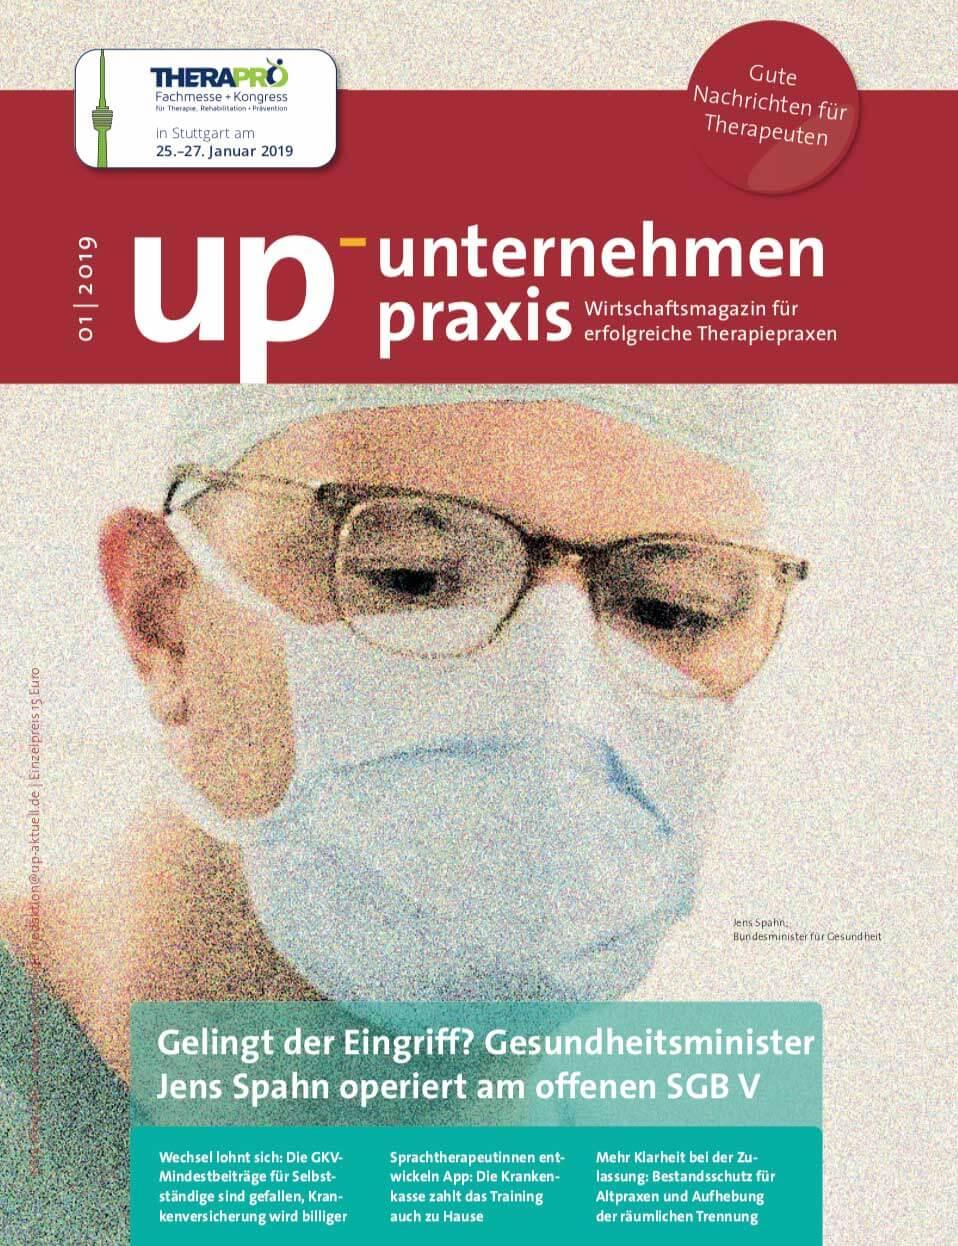 Ausgabe 1/2019 Gelingt der Eingriff? Gesundheitsminister Jens Spahn operiert am offenen SGB V